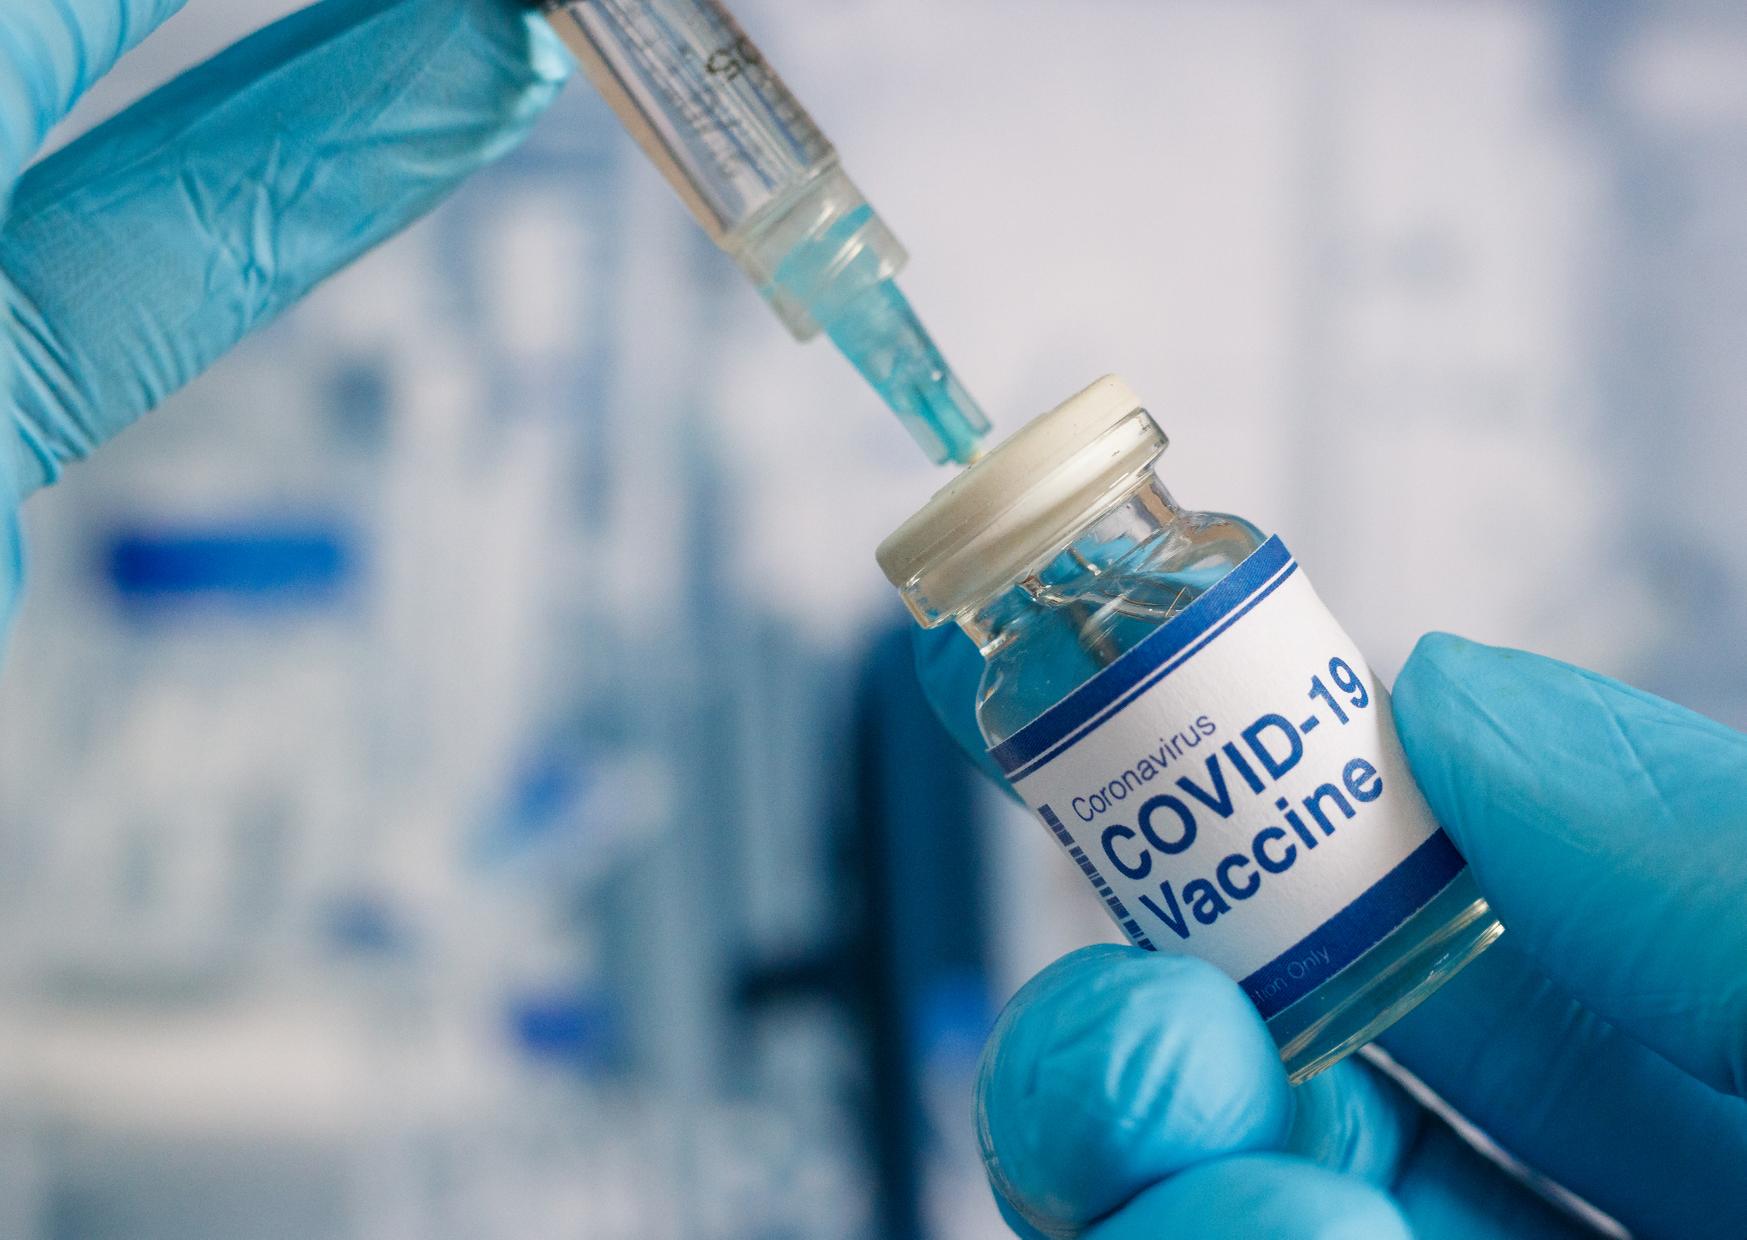 covid-19 vaccine - image concept - Copy